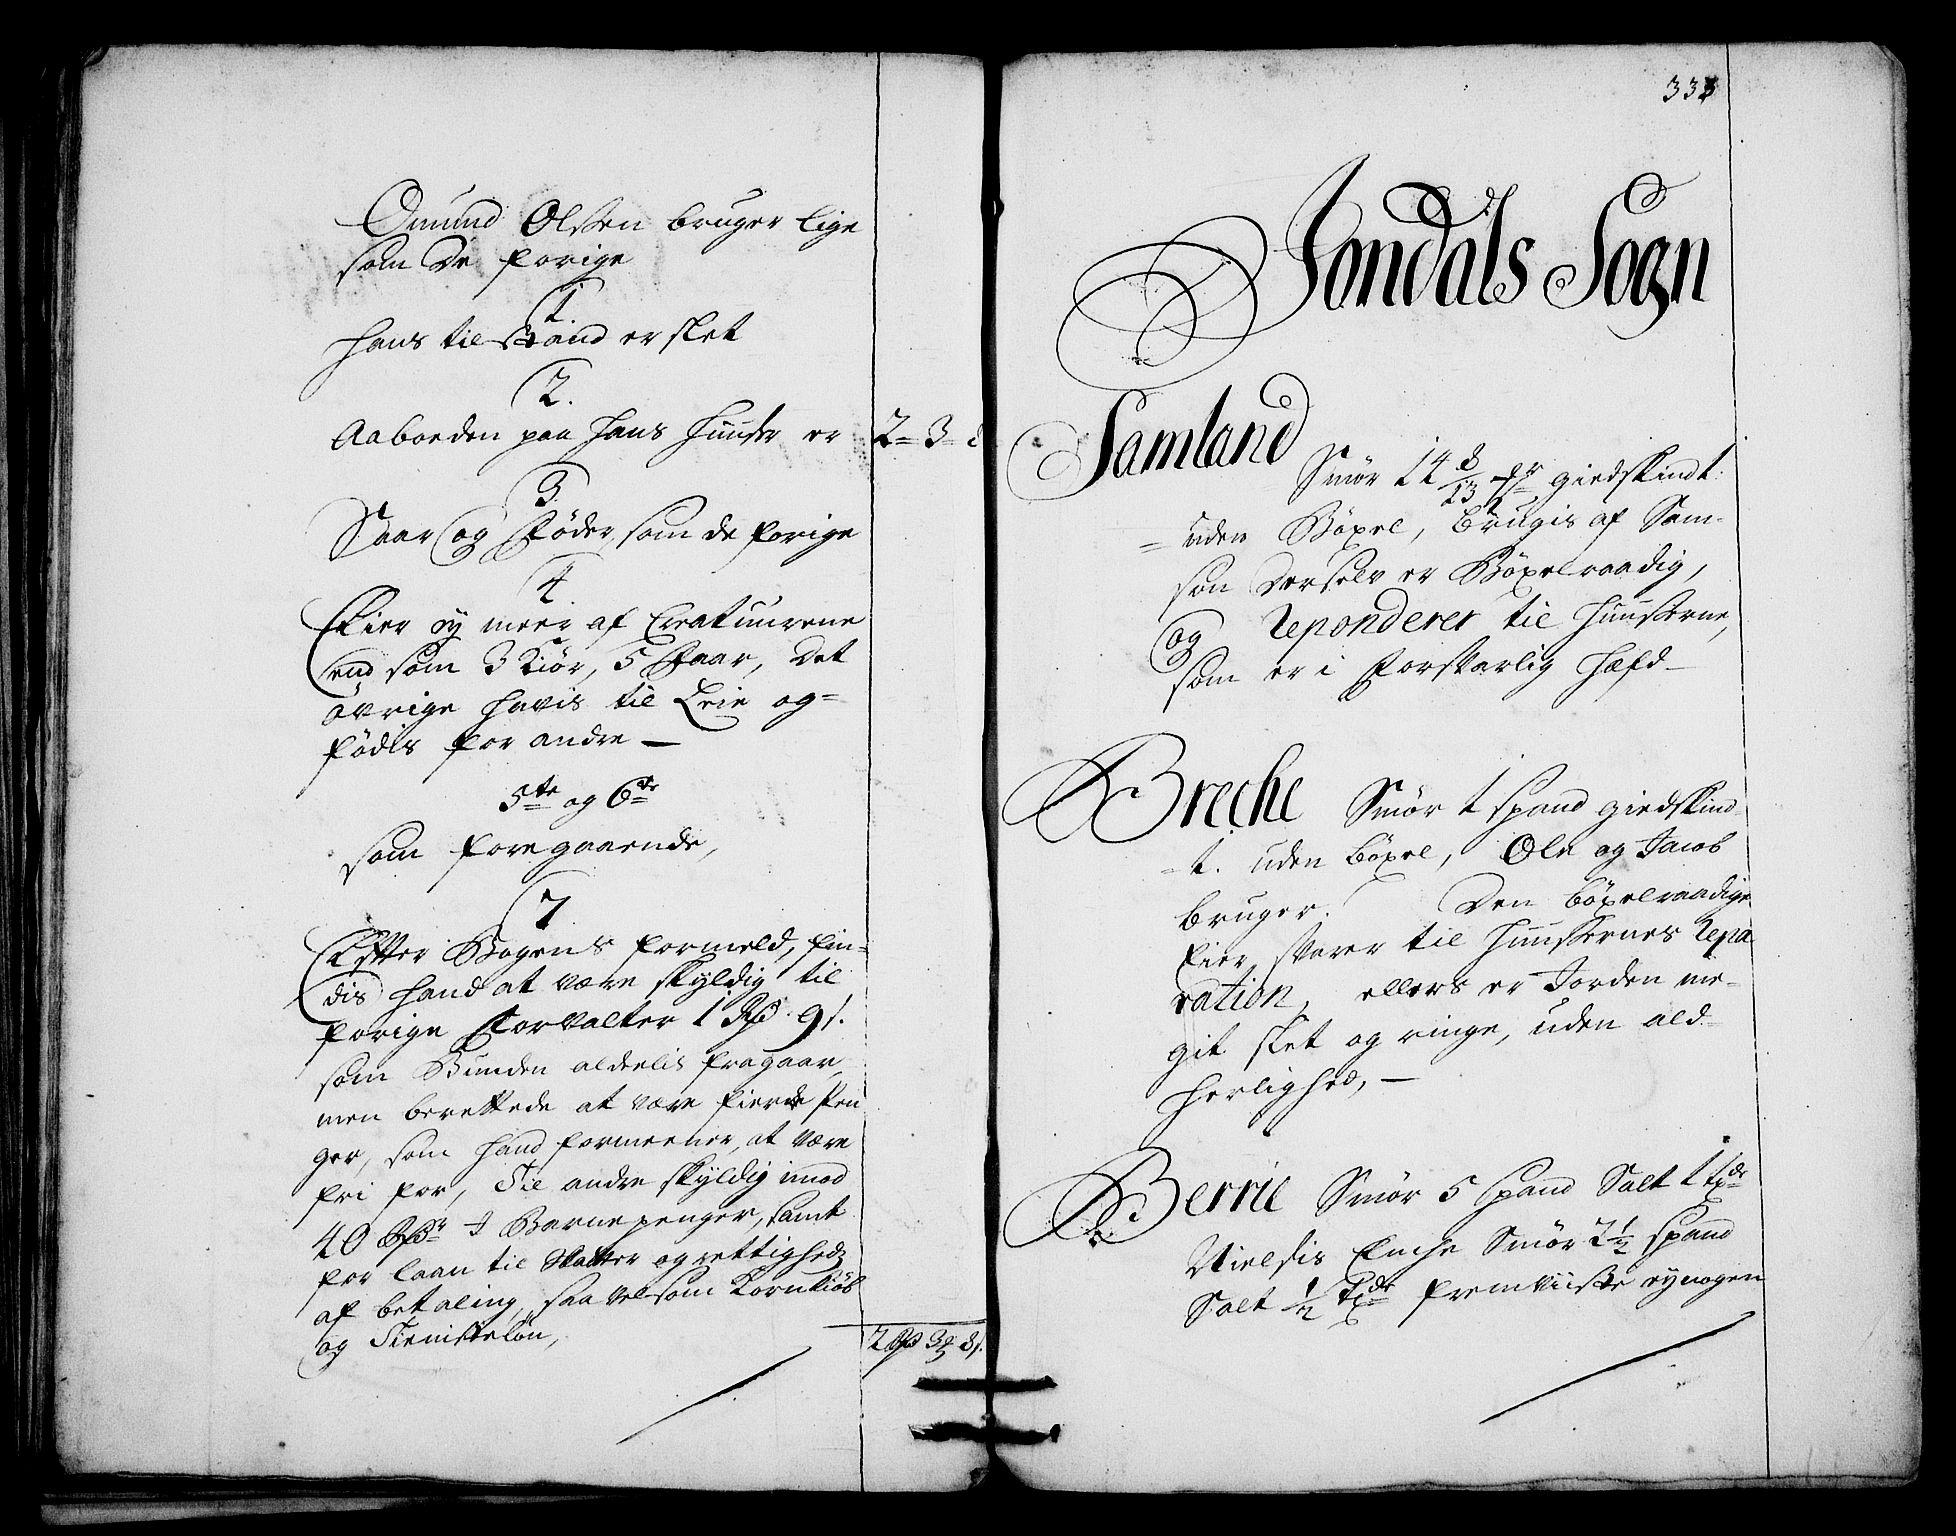 RA, Rentekammeret inntil 1814, Realistisk ordnet avdeling, On/L0003: [Jj 4]: Kommisjonsforretning over Vilhelm Hanssøns forpaktning av Halsnøy klosters gods, 1712-1722, s. 332b-333a